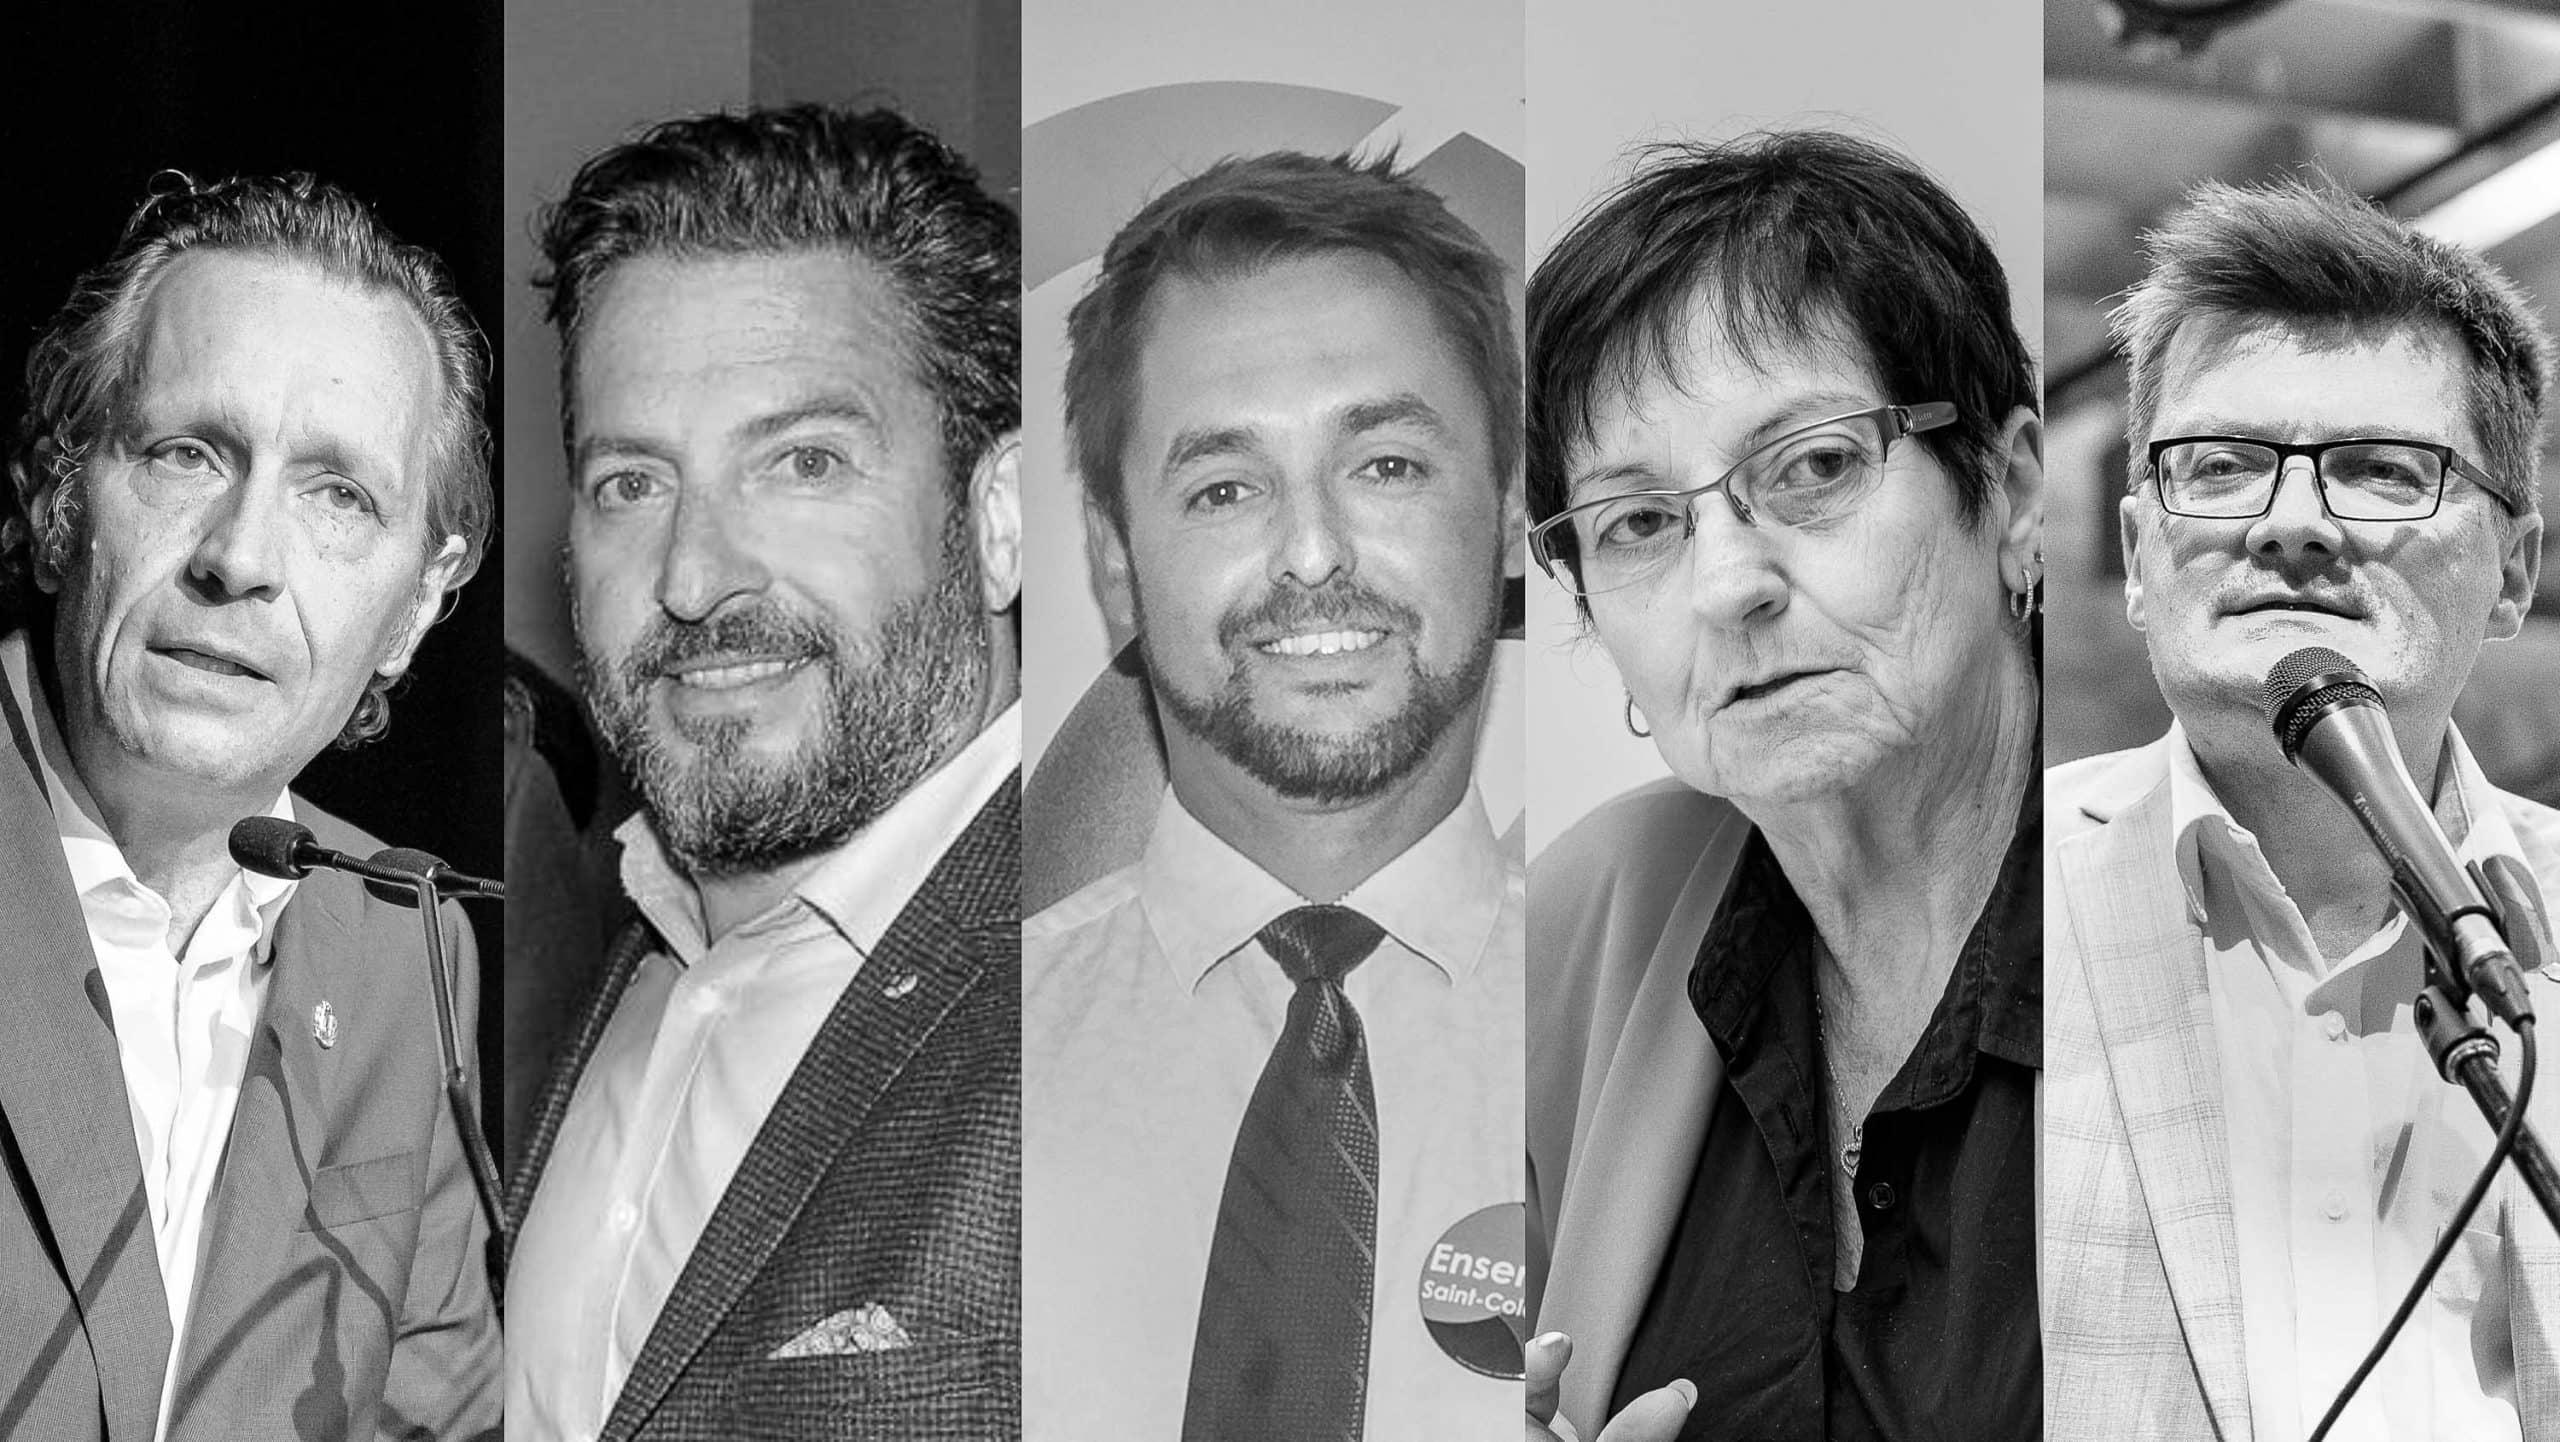 Les maires de la MRC Rivière-du-Nord Stéphane Maher, Bruno Laroche, Xavier-ANtoine Lalande, Louise Gallant et Paul Germain.